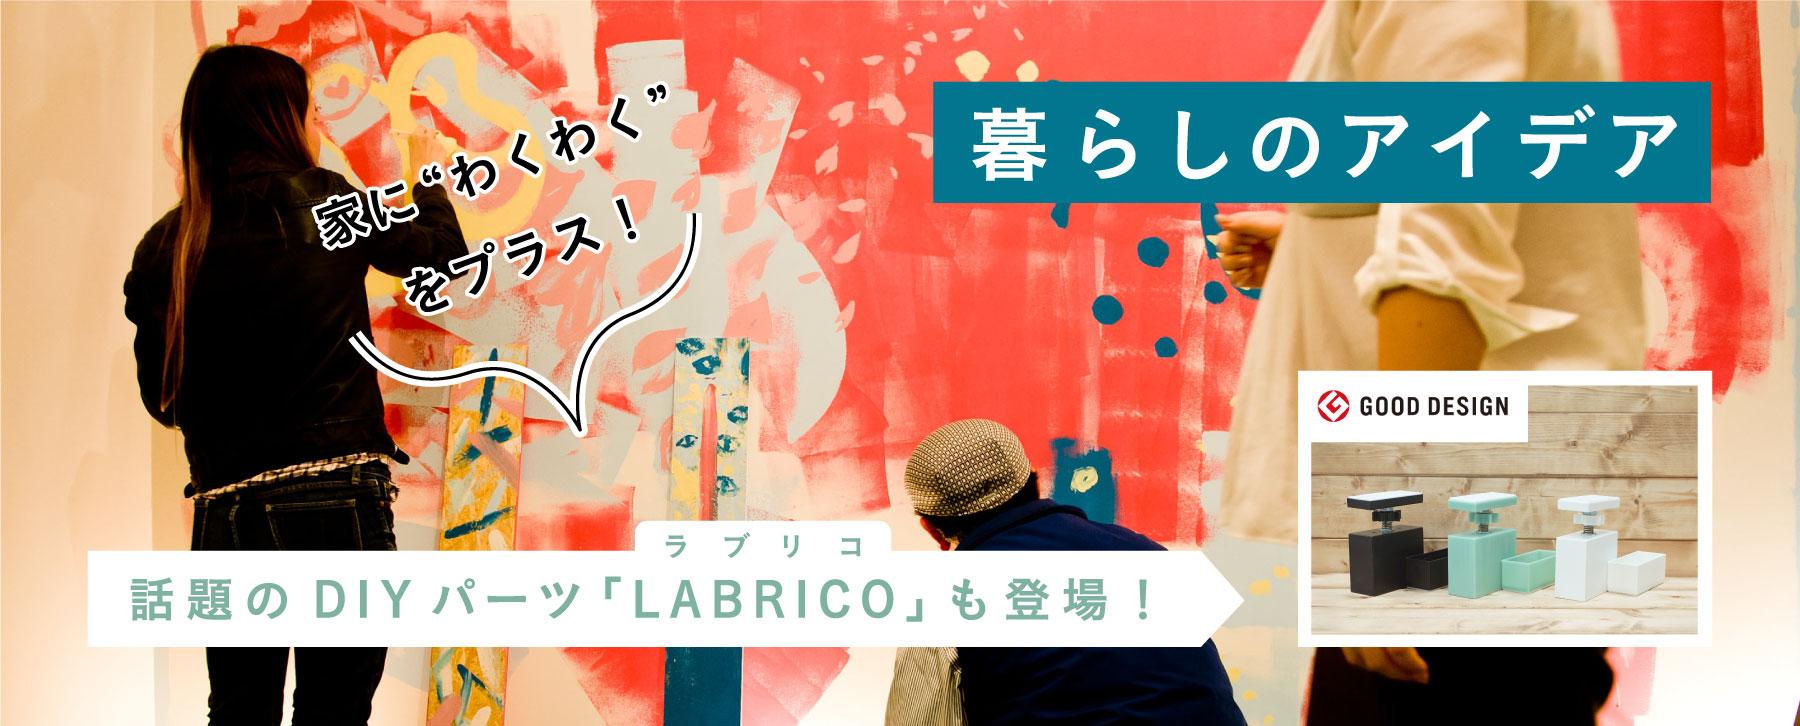 """暮らしのアイデア 家に""""わくわく""""をプラス!話題のDIYパーツ「LABRICO」も登場!"""